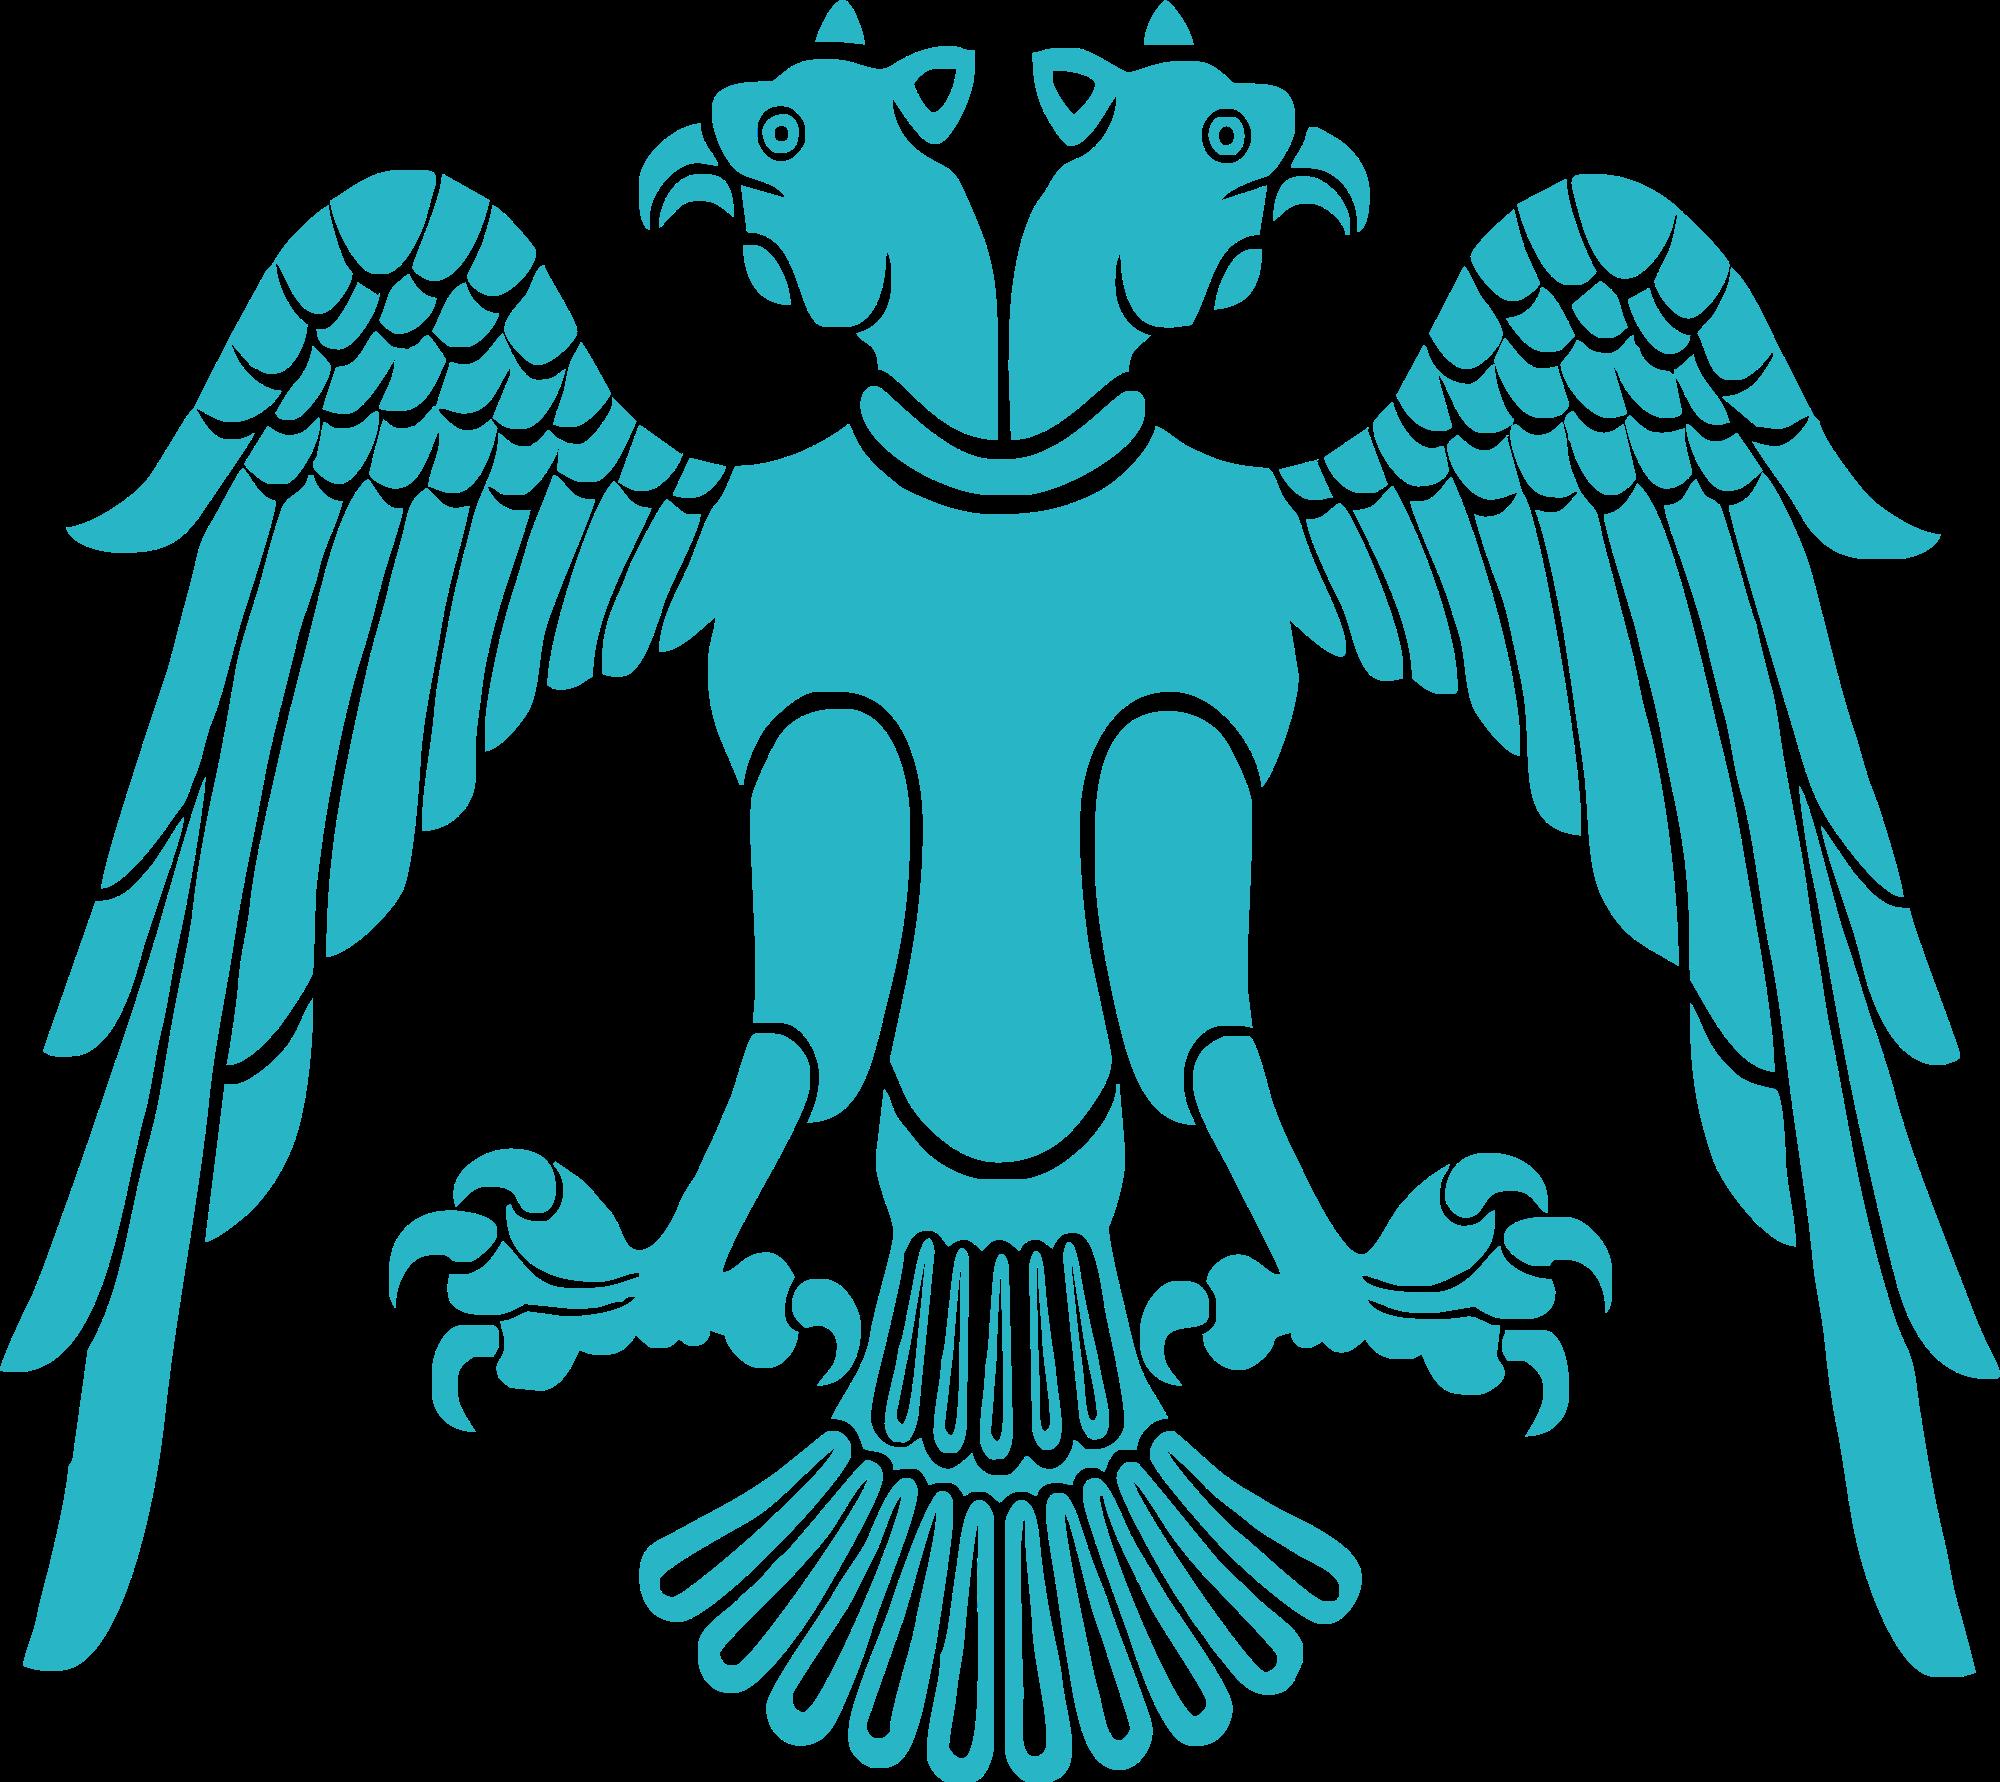 Σύμβολα καὶ οἰκόσημα...125 Σελτζοῦκοι